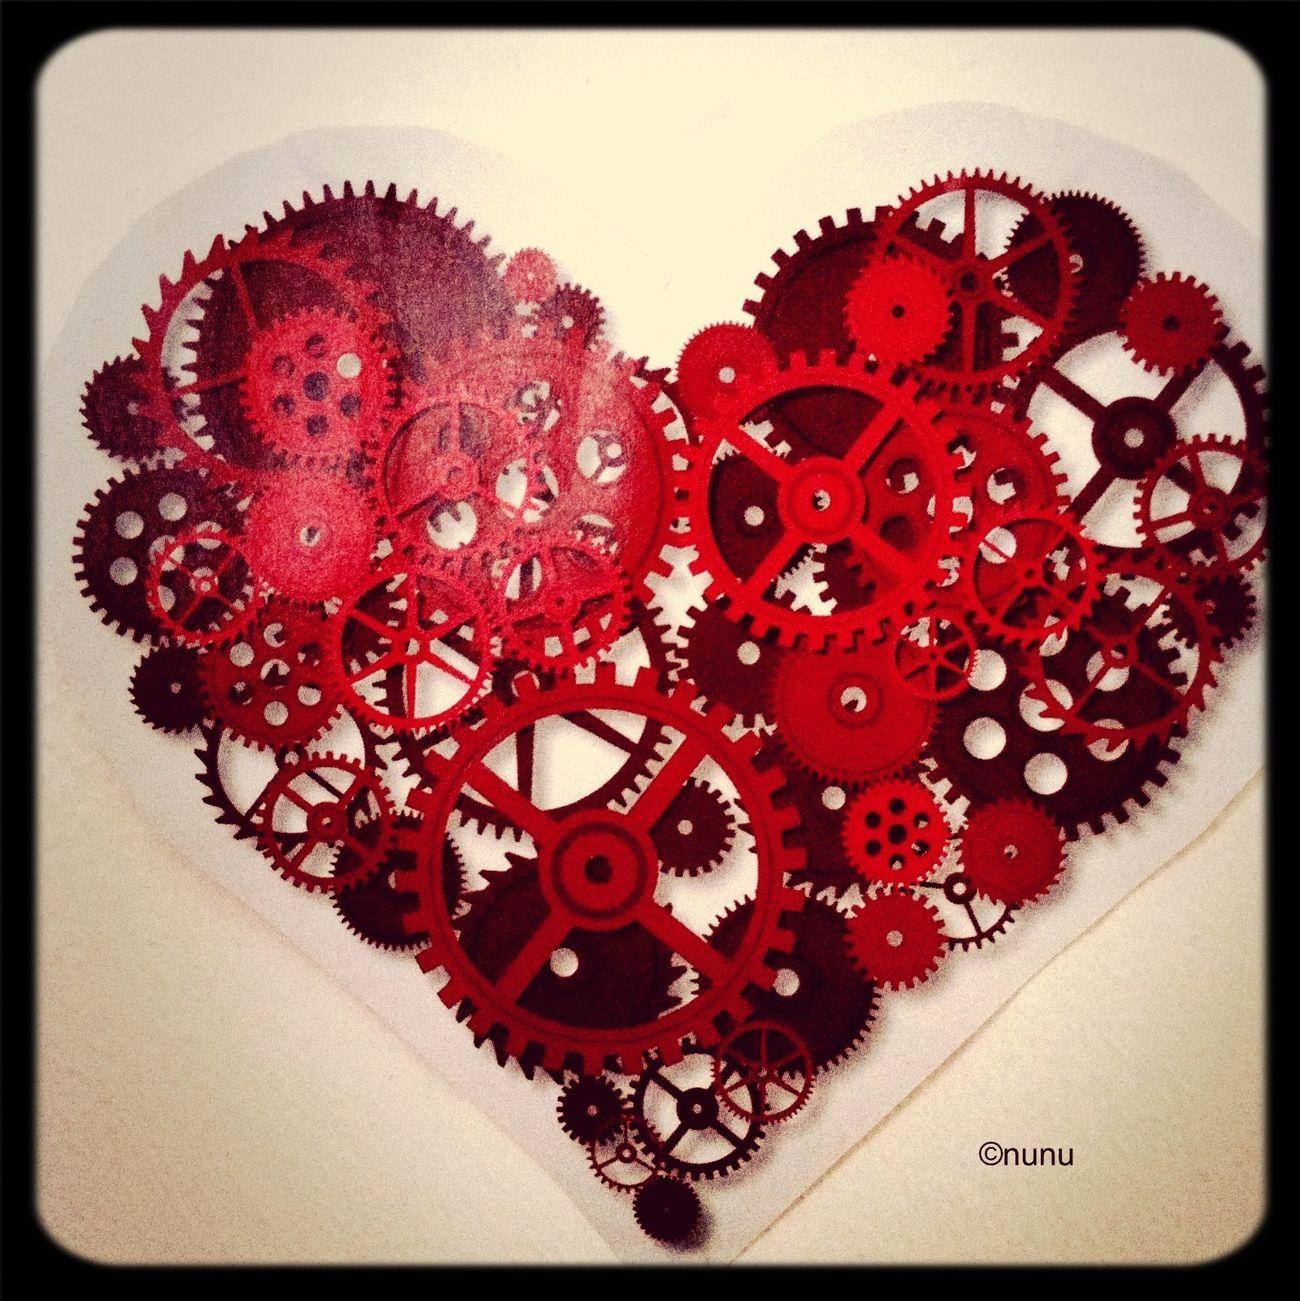 Love Heart Cogs Ticking ❤